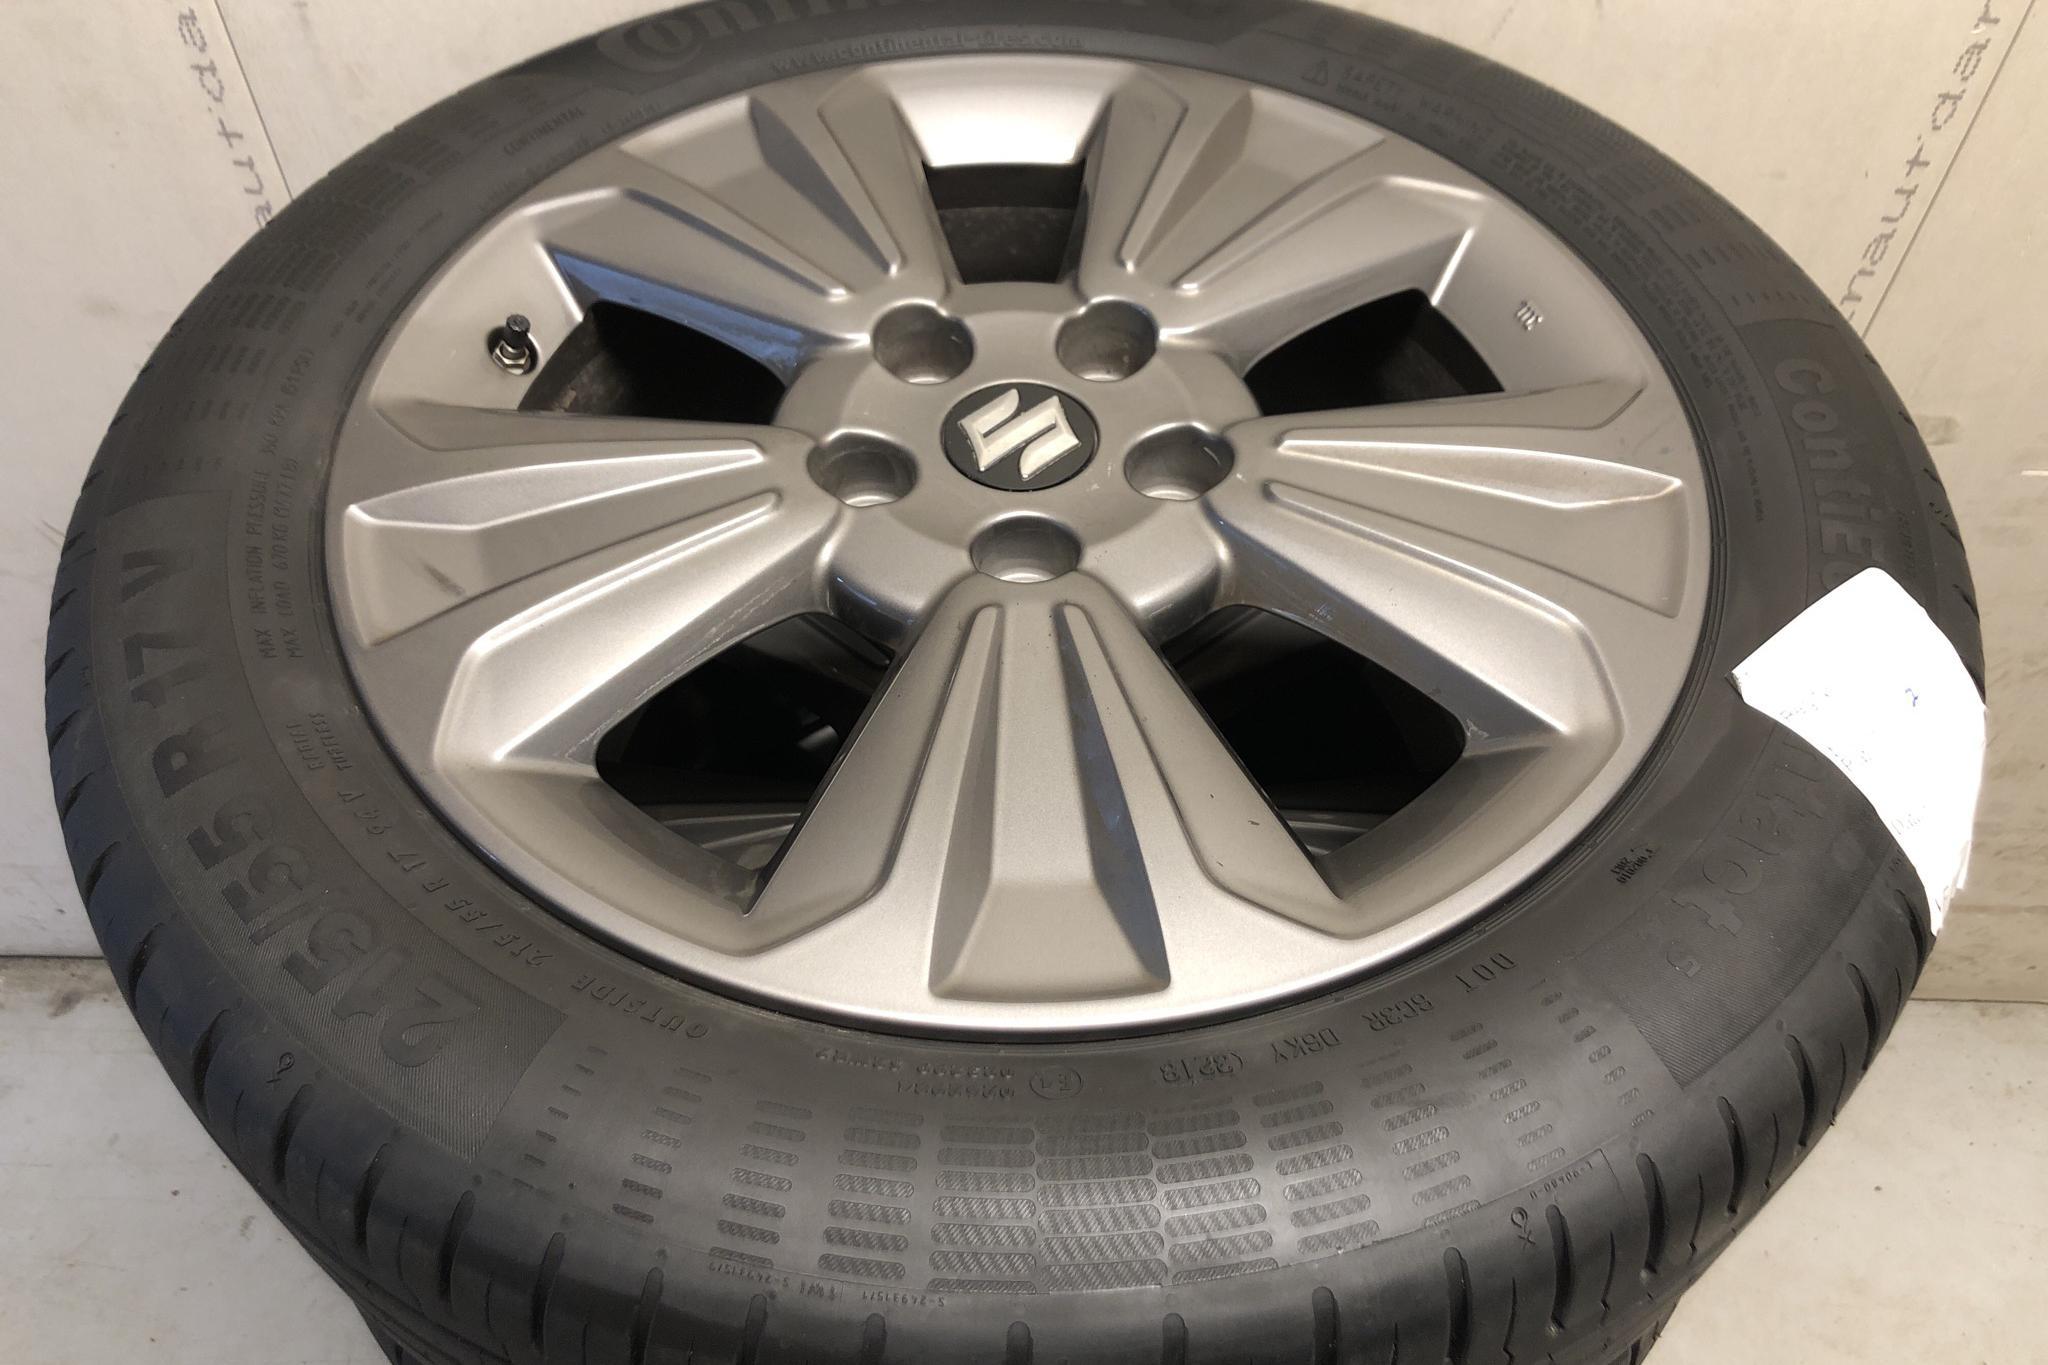 Suzuki Vitara 1.4T Boosterjet Allgrip 4x4 (140hk) - 1 890 mil - Manuell - svart - 2019